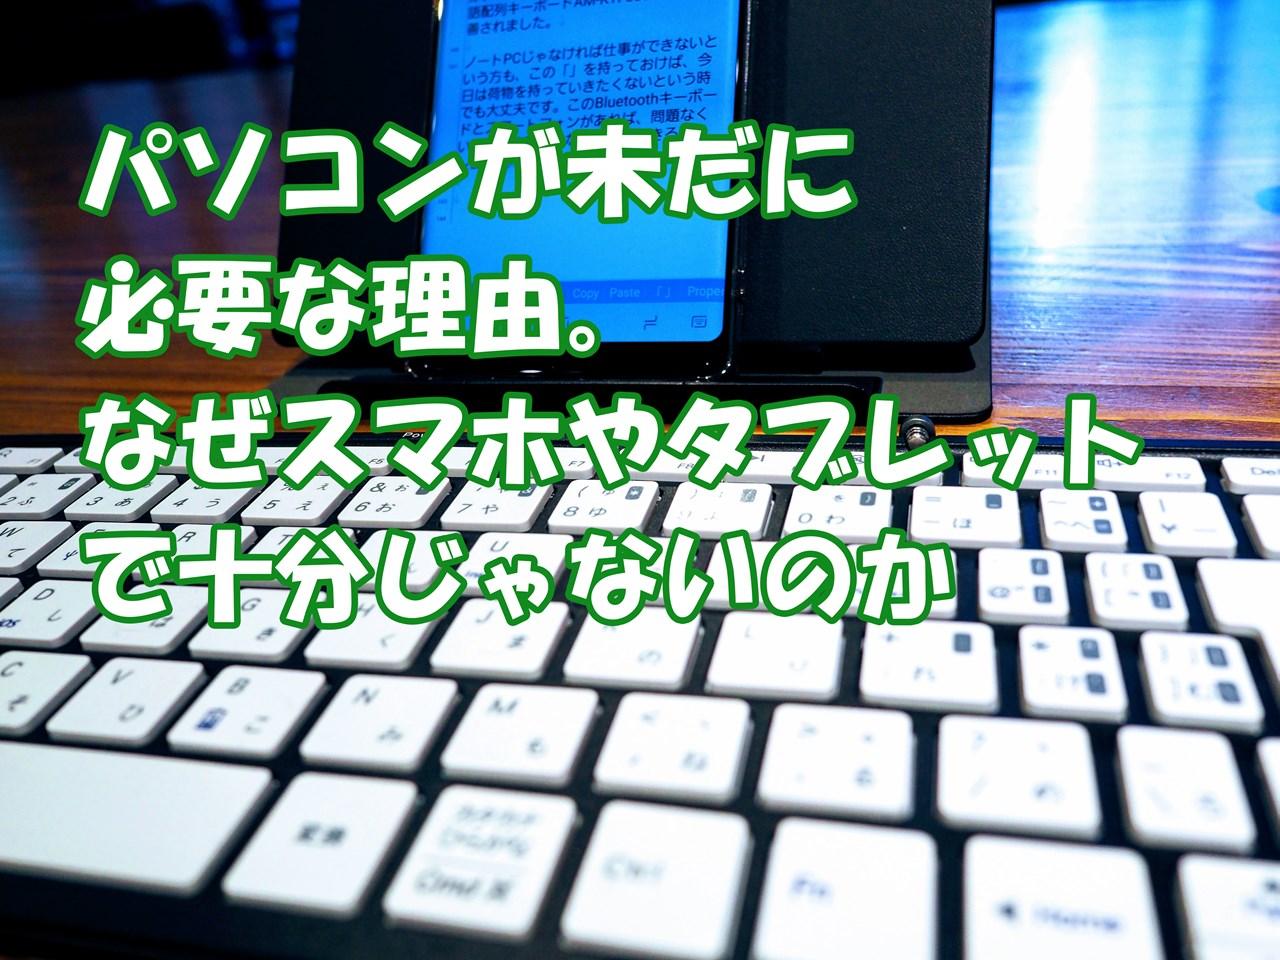 パソコンが未だに必要な理由。なぜスマホやタブレットで十分じゃないのかアイキャッチ画像